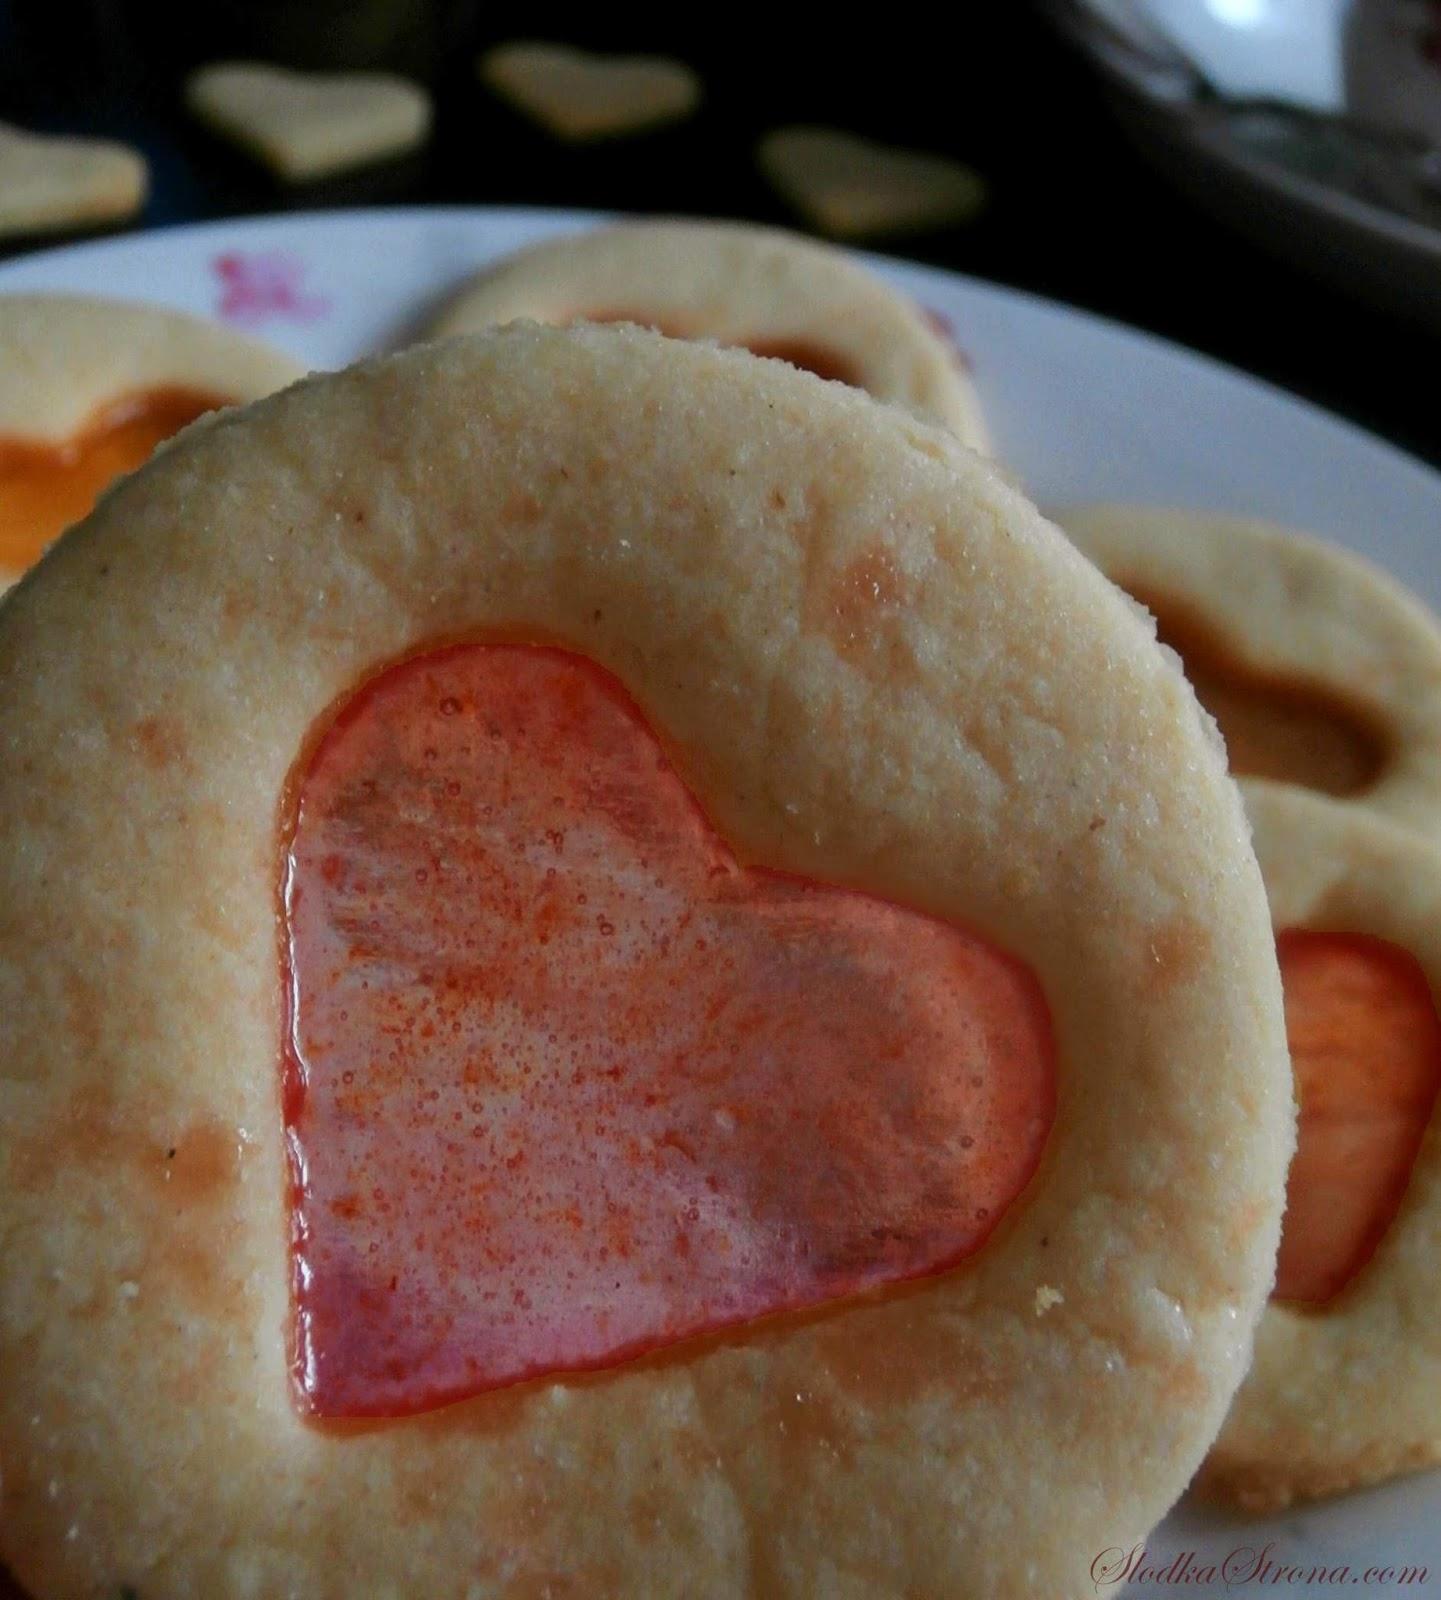 Walentynkowe Ciasteczka z Witrażem - Przepis - Słodka Strona, Ciasteczka z uroczymi, przezroczystym okienkami w kształcie serduszek to prosta, a zarazem efektowna propozycja na Walentynkowe menu.   Ciastka mimo swojej prostoty są bardzo smaczne i przede wszystkim idealnie pasują do romantycznej atmosfery Walentynkowego wieczoru.  ciasteczka z witrażem, ciasteczka witrażykiem, ciasteczka z witrażem przepis, ciastka z witrażem, ciastka z witrazem, ciastka z okienkiem, ciasteczka z okienkiem, ciasteczka na walentynki, ciasteczka walentynki, ciastka walentynki, ciastka na walentynki, ciasteczka z serduszkami, ciastka z serduszkami, ciastka z sercami, ciasteczka z sercami, przepisy na walentynki, ciastka na walentynki, ciasteczka na walentynki, romantyczna kolacja, Kolorowe Ciasteczka, przepis, kolorowe ciasteczka przepis, ciasteczka dla dzieci przepis, ciastka przepis, ciastka kolorowe przepis, proste ciastka przepis, proste ciasteczka przepis, szybkie ciastka, szybkie ciasteczka, proste ciastka, proste ciasteczka, efektowne ciasteczka, zjawiskowe ciasteczka, piękne ciasteczka,ładne ciasteczka, ciasteczka dla dzieci, Kruche Ciasteczka z Cukrem, proste ciasteczka, kruche ciasteczka, latwe ciasteczka proste i szybkie ciasteczka, Kruche Ciasteczka z Cukrem przepis, proste ciasteczka przepis, kruche ciasteczka przepis, latwe ciasteczka proste i szybkie ciasteczka przepis, ciastka z cukrem, kruche z cukrem, Ciasteczka z lukrem w kształcie duchów to prosta, a zarazem ciekawa propozycja na Halloweenowe menu. Ciastka mimo swojej prostoty są bardzo smaczne i przede wszystkim idealnie pasują do mrocznej atmosfery Halloweenowego wieczoru.  ciasteczka walentynki, ciasteczka walentynki przepis, ciasteczka na walenytynki, ciasteczka z lukrem, ciasteczka duchy, proste ciasteczka, kruche ciasteczka z lukrem, proste ciasteczka przepis, slodycze na walentynki, przekaski na walentynki, walentynki przepisy,